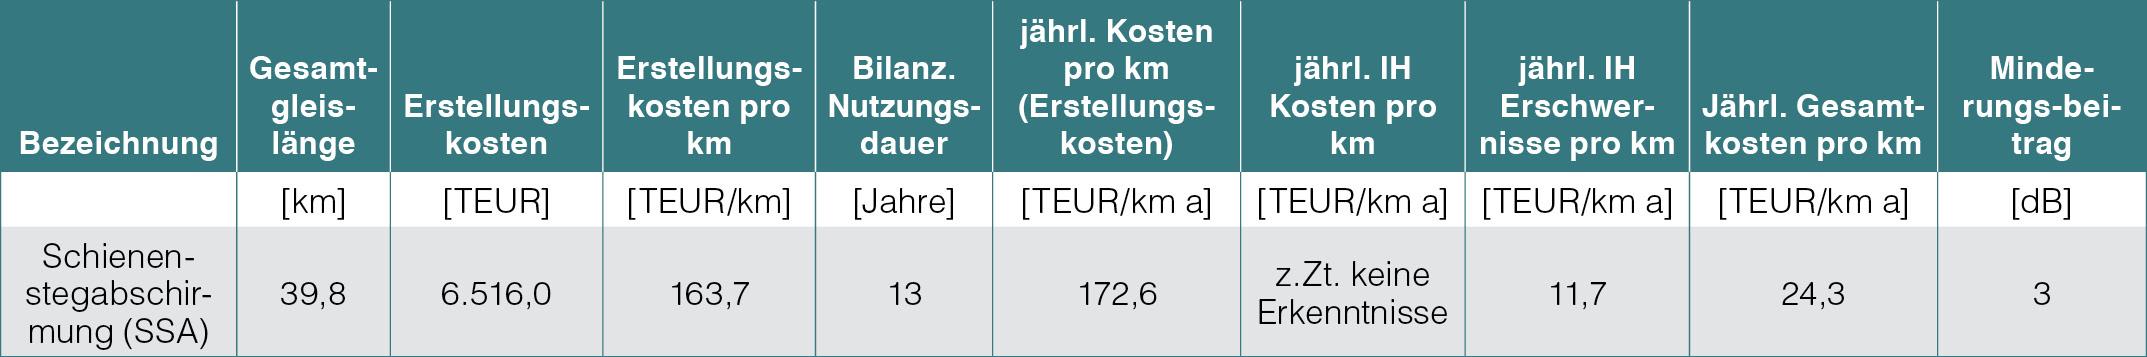 Tabelle mit verschiedenen Kenngrößen SSA